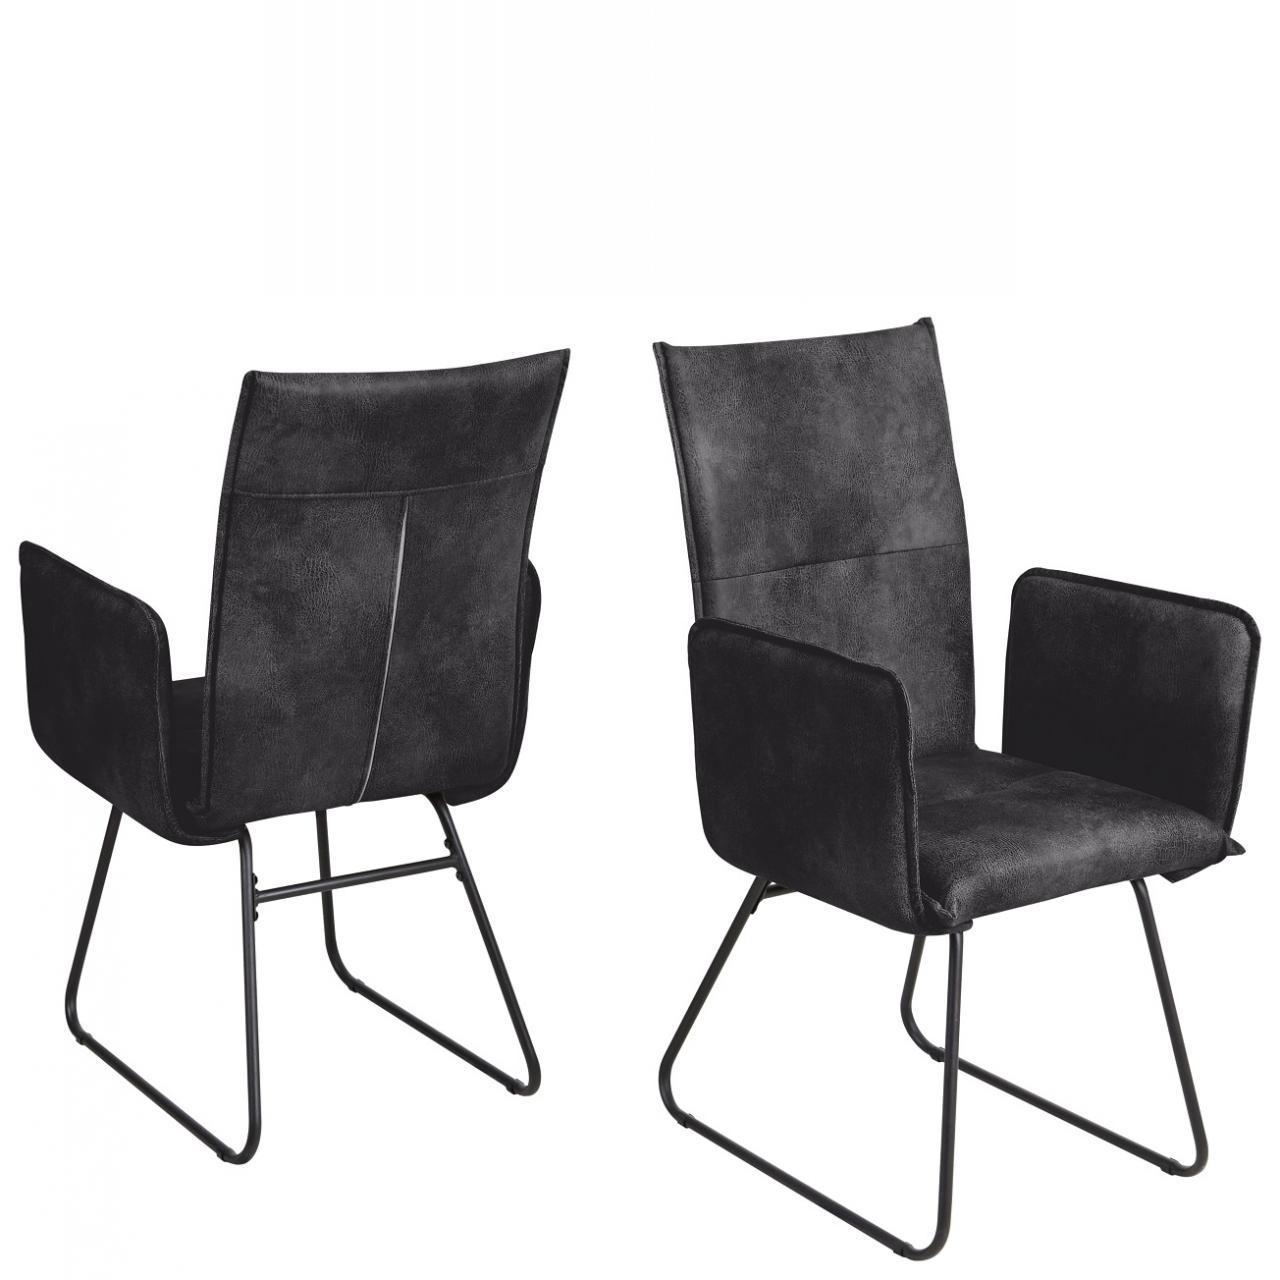 Stuhl Arona Schwarz Vintage Anthrazit Stoff Metall Mit Armlehnen Küchenestuhl Esszimmerstuhl